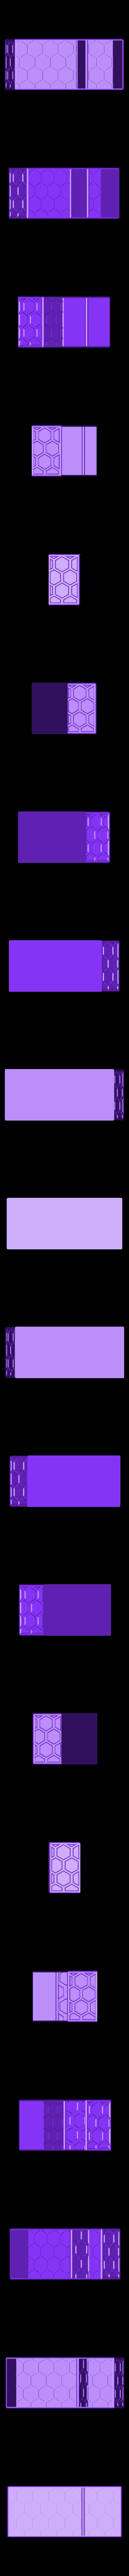 Tueten-Lager_V3.stl Télécharger fichier STL gratuit Boîte à compartiments personnalisable V3 • Objet à imprimer en 3D, dede67